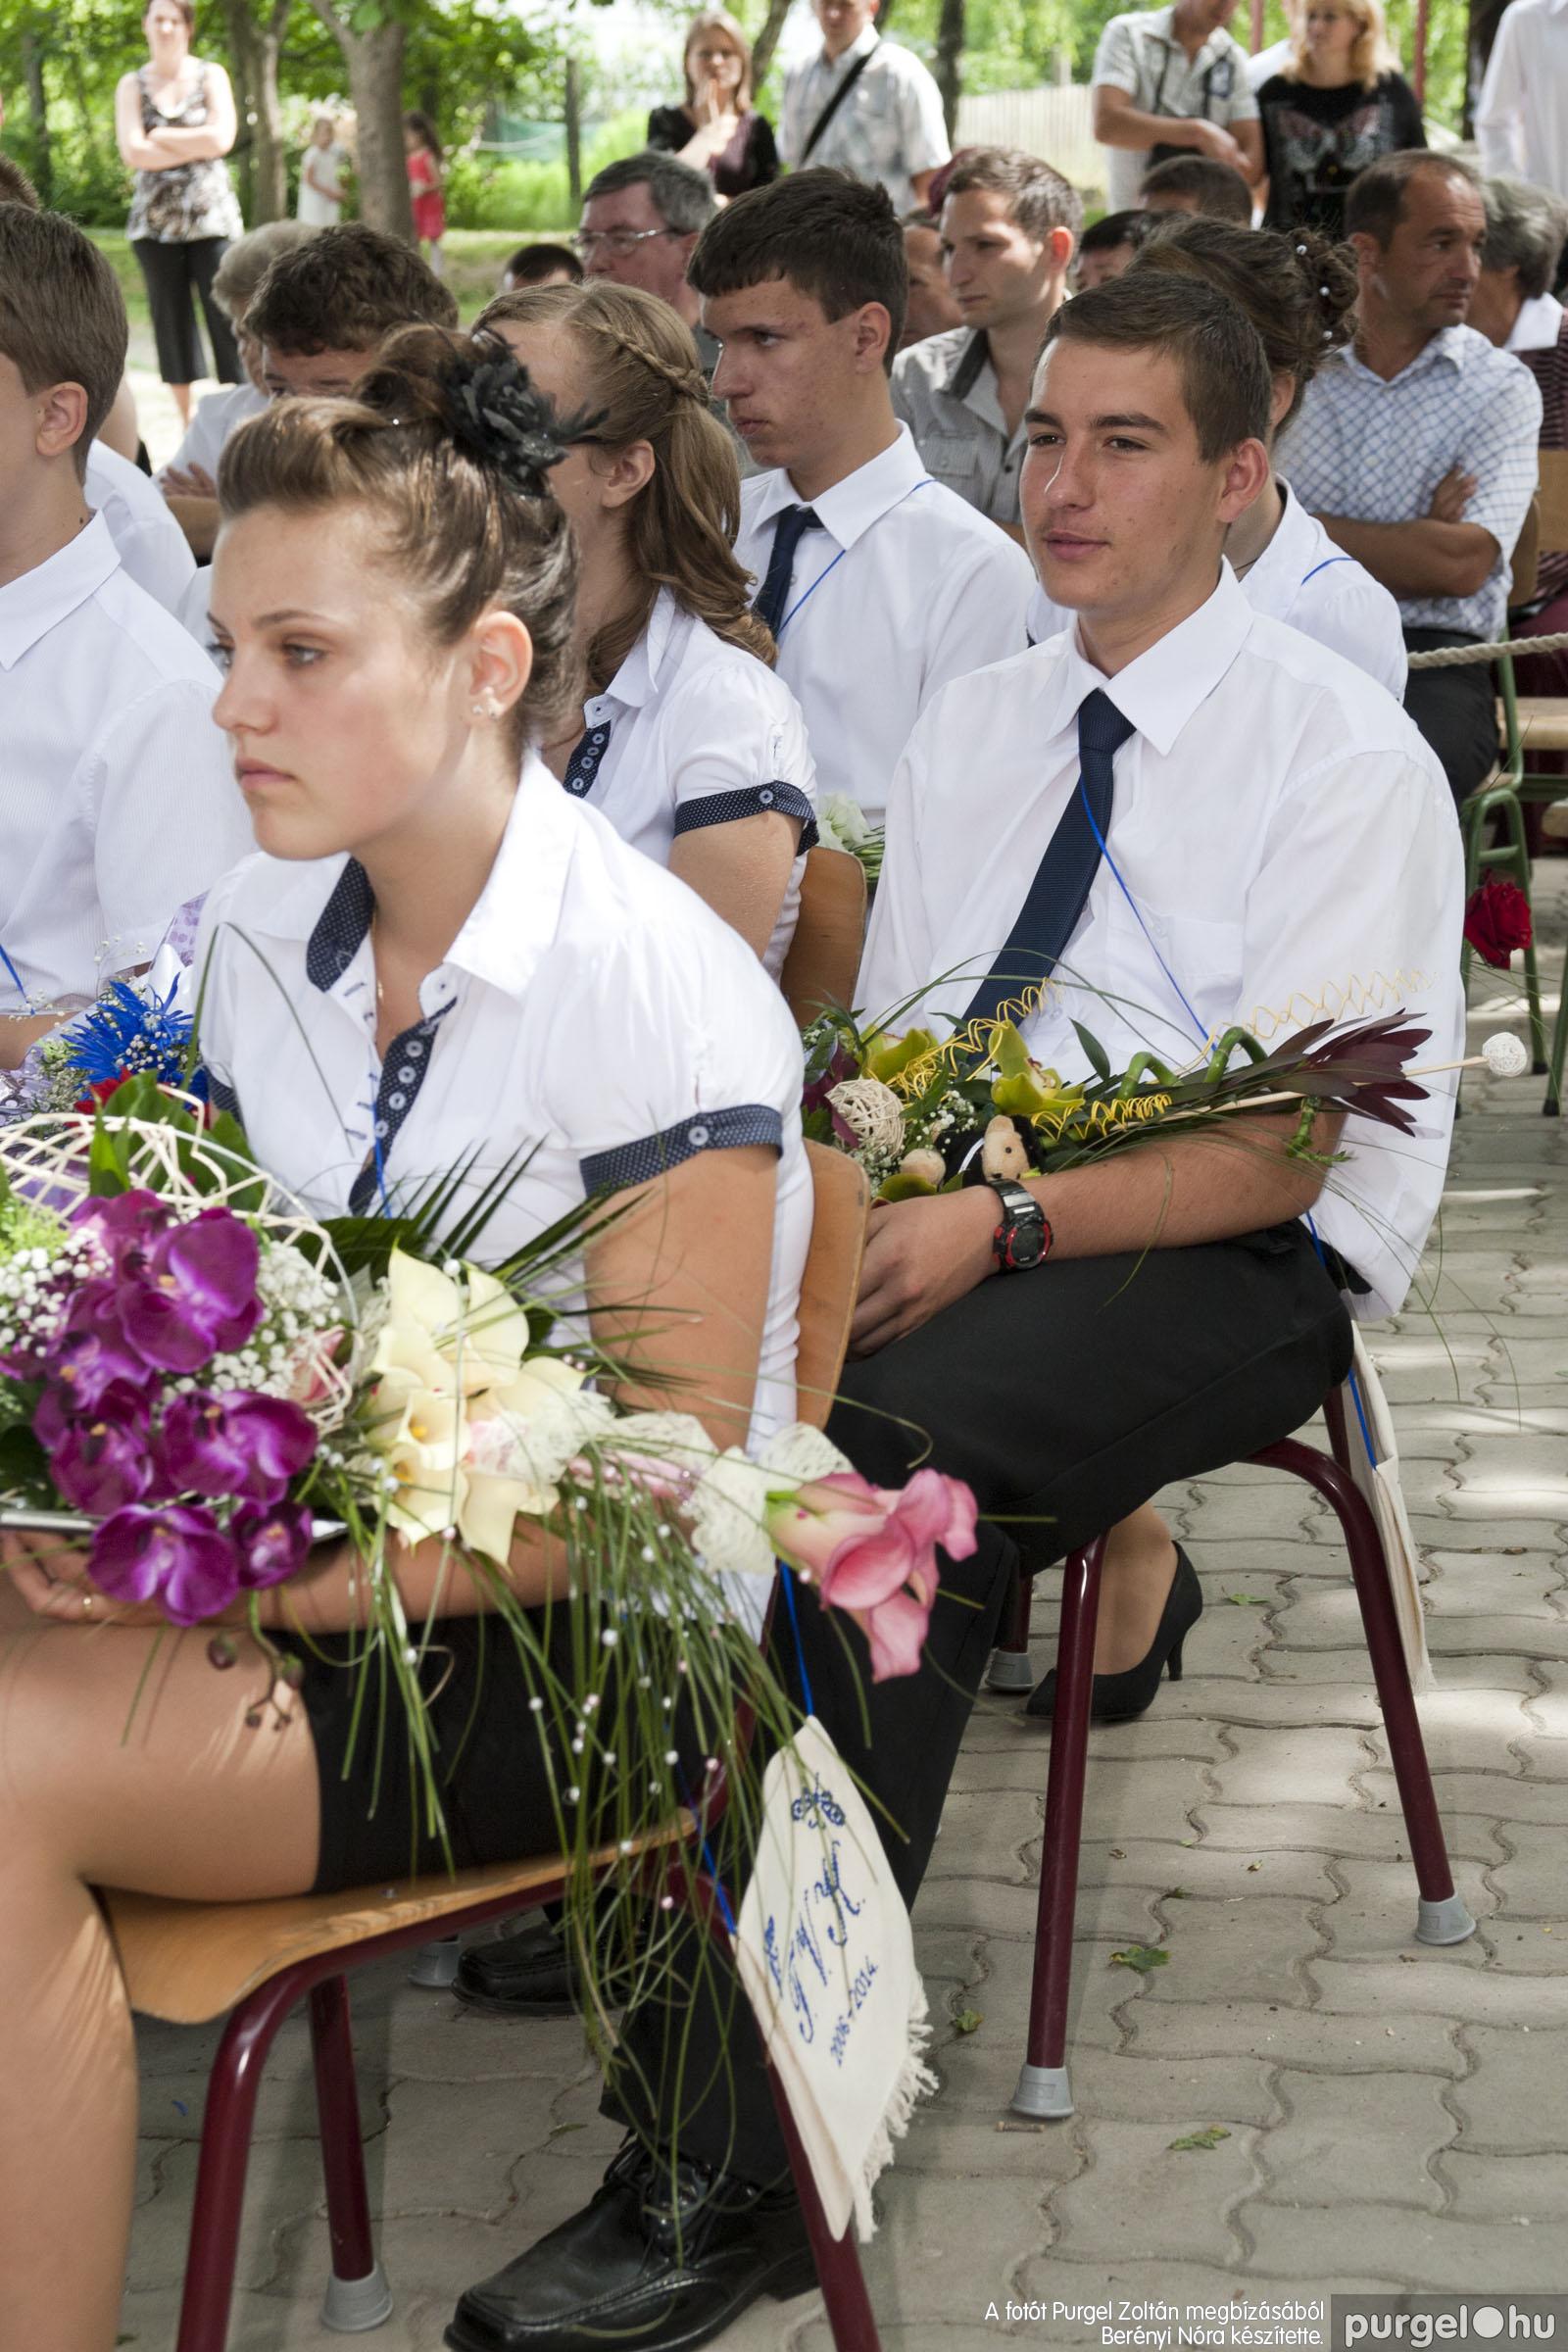 2014.06.14. 251 Forray Máté Általános Iskola ballagás 2014. - Fotó:BERÉNYI NÓRA© _MG_5919.jpg